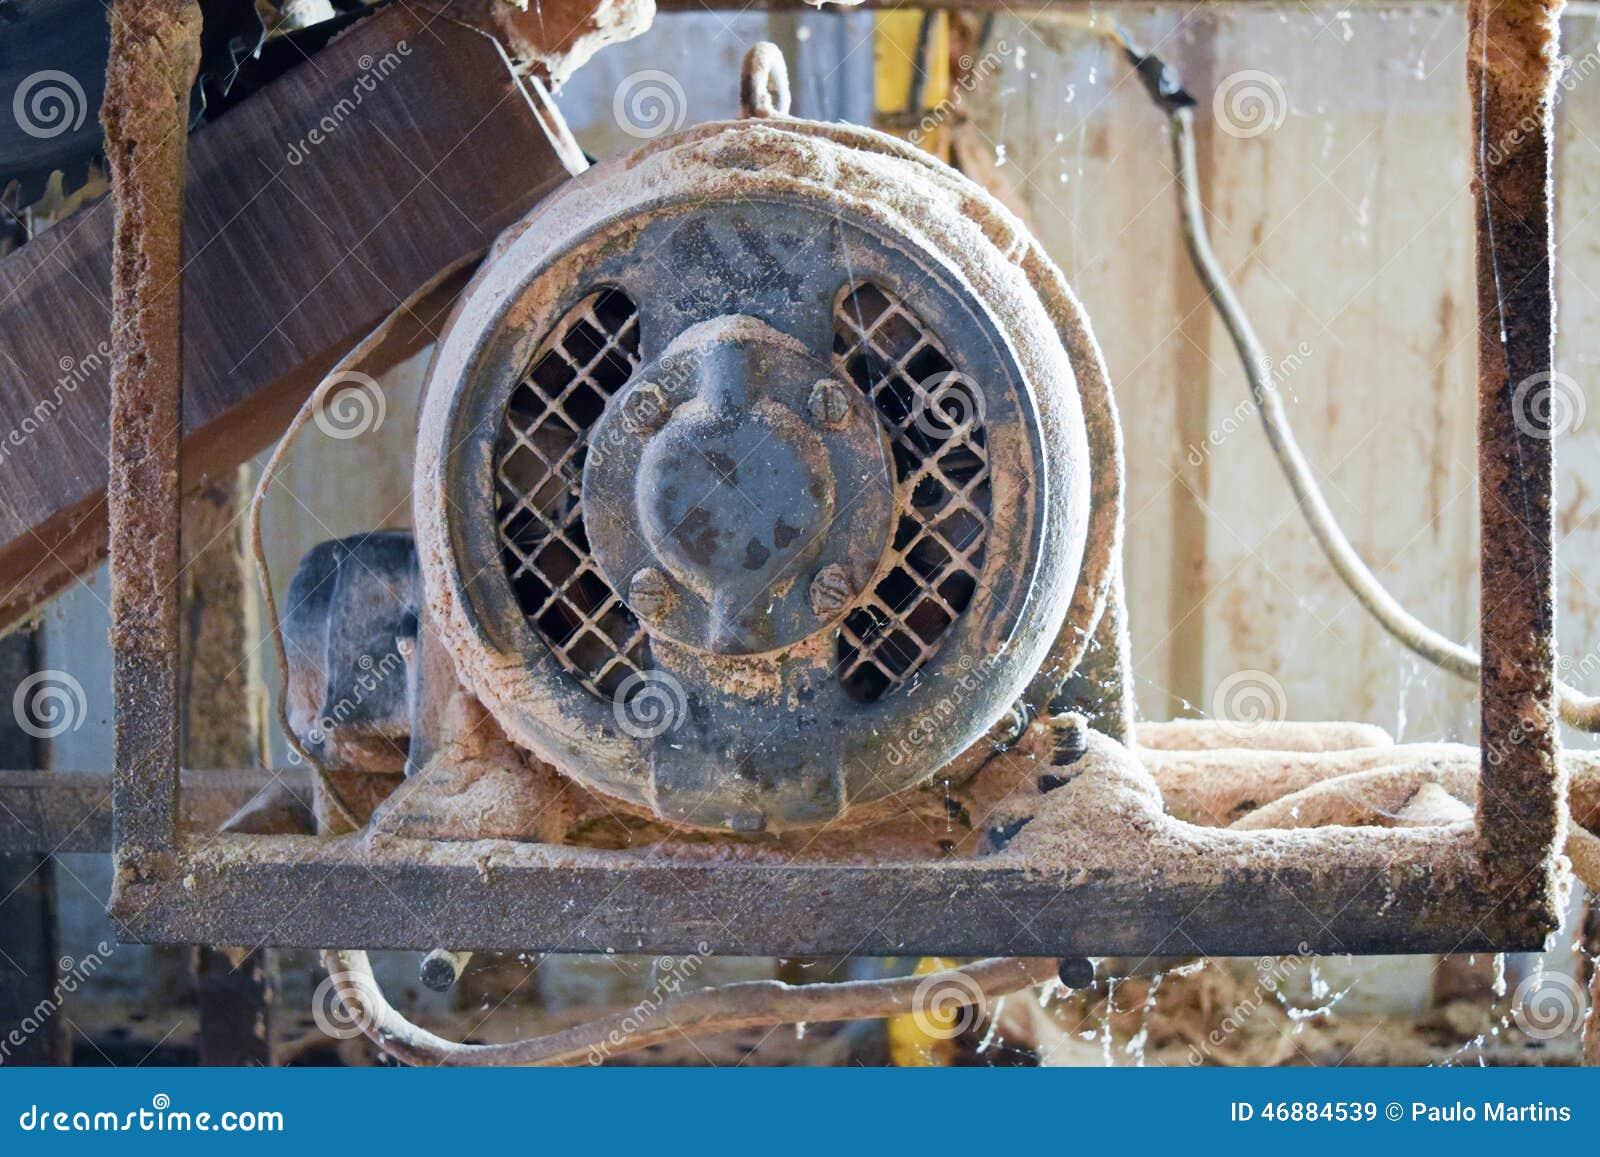 De motor van de cirkelzaagmachine in een timmerwerk